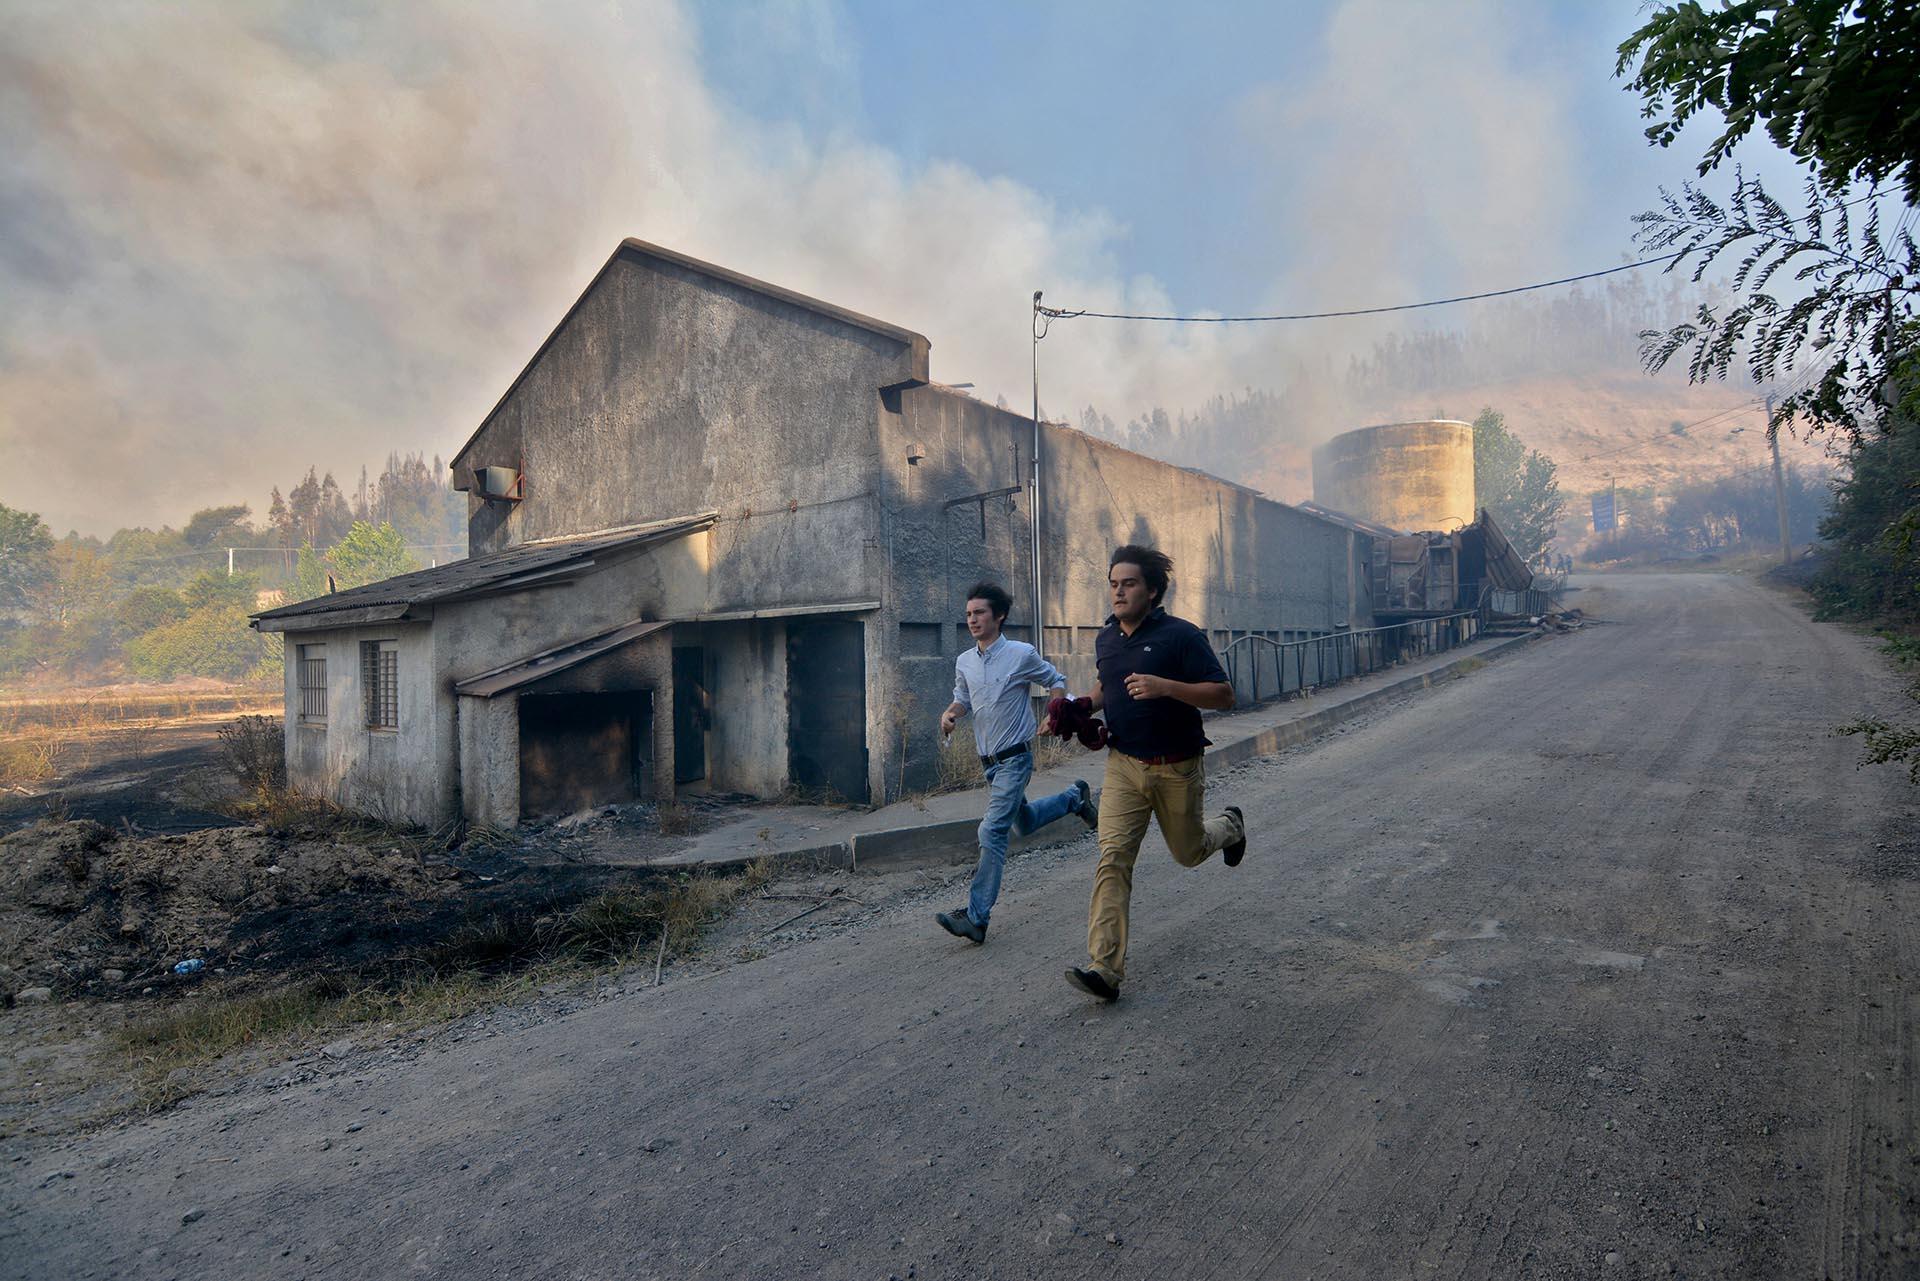 Los incendios afectan zonas rurales donde viven, en su mayoría, agricultores y criadores de ganado. Las grandes empresas forestales también se han visto afectadas, principalmente en la región del Maule, donde el fuego consumió más de 160.000 hectáreas, muchas de ellas de pinos y eucaliptos